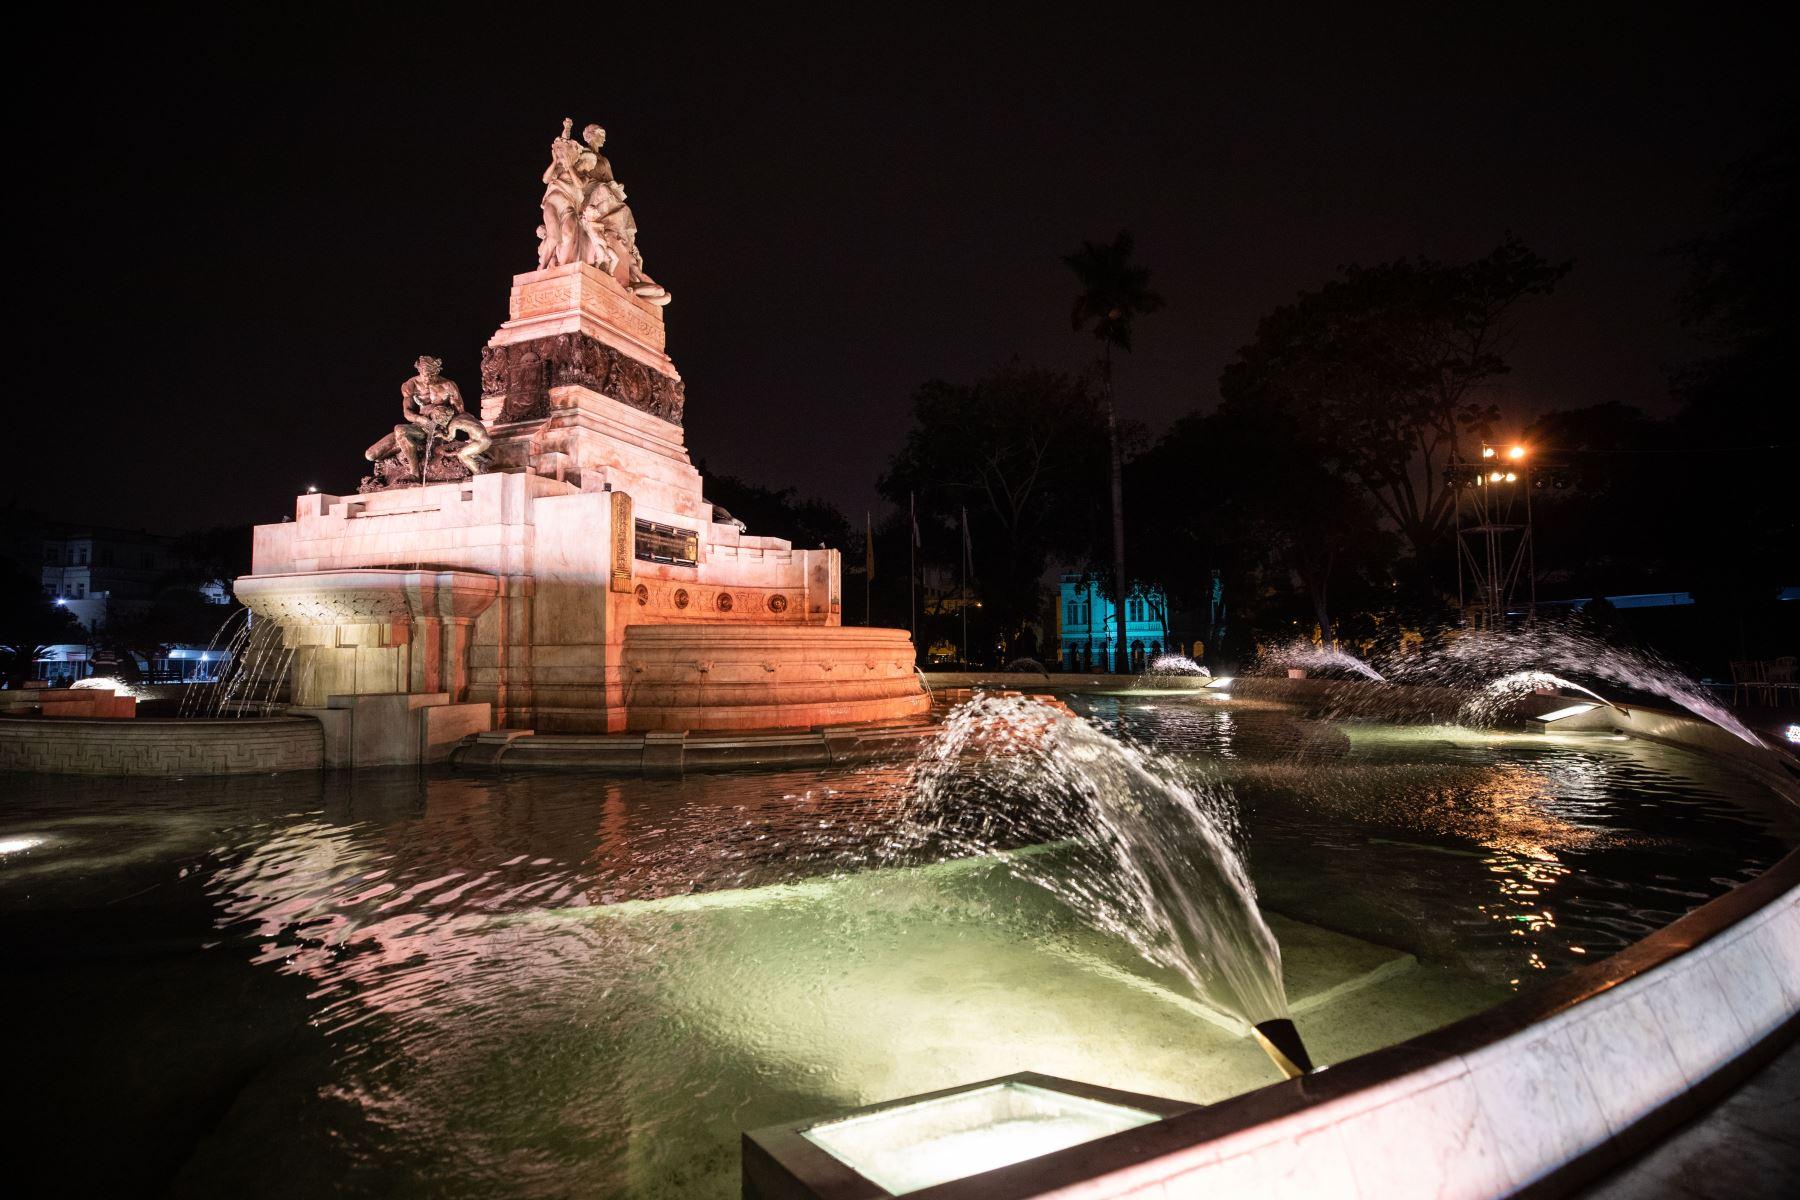 Esta reliquia de mármol blanco fue donada por la colonia china que emigró al país, cuya primera piedra fue colocada en 1921.Fue el regalo de China a Perú por el centenario de la independencia. Foto: MML